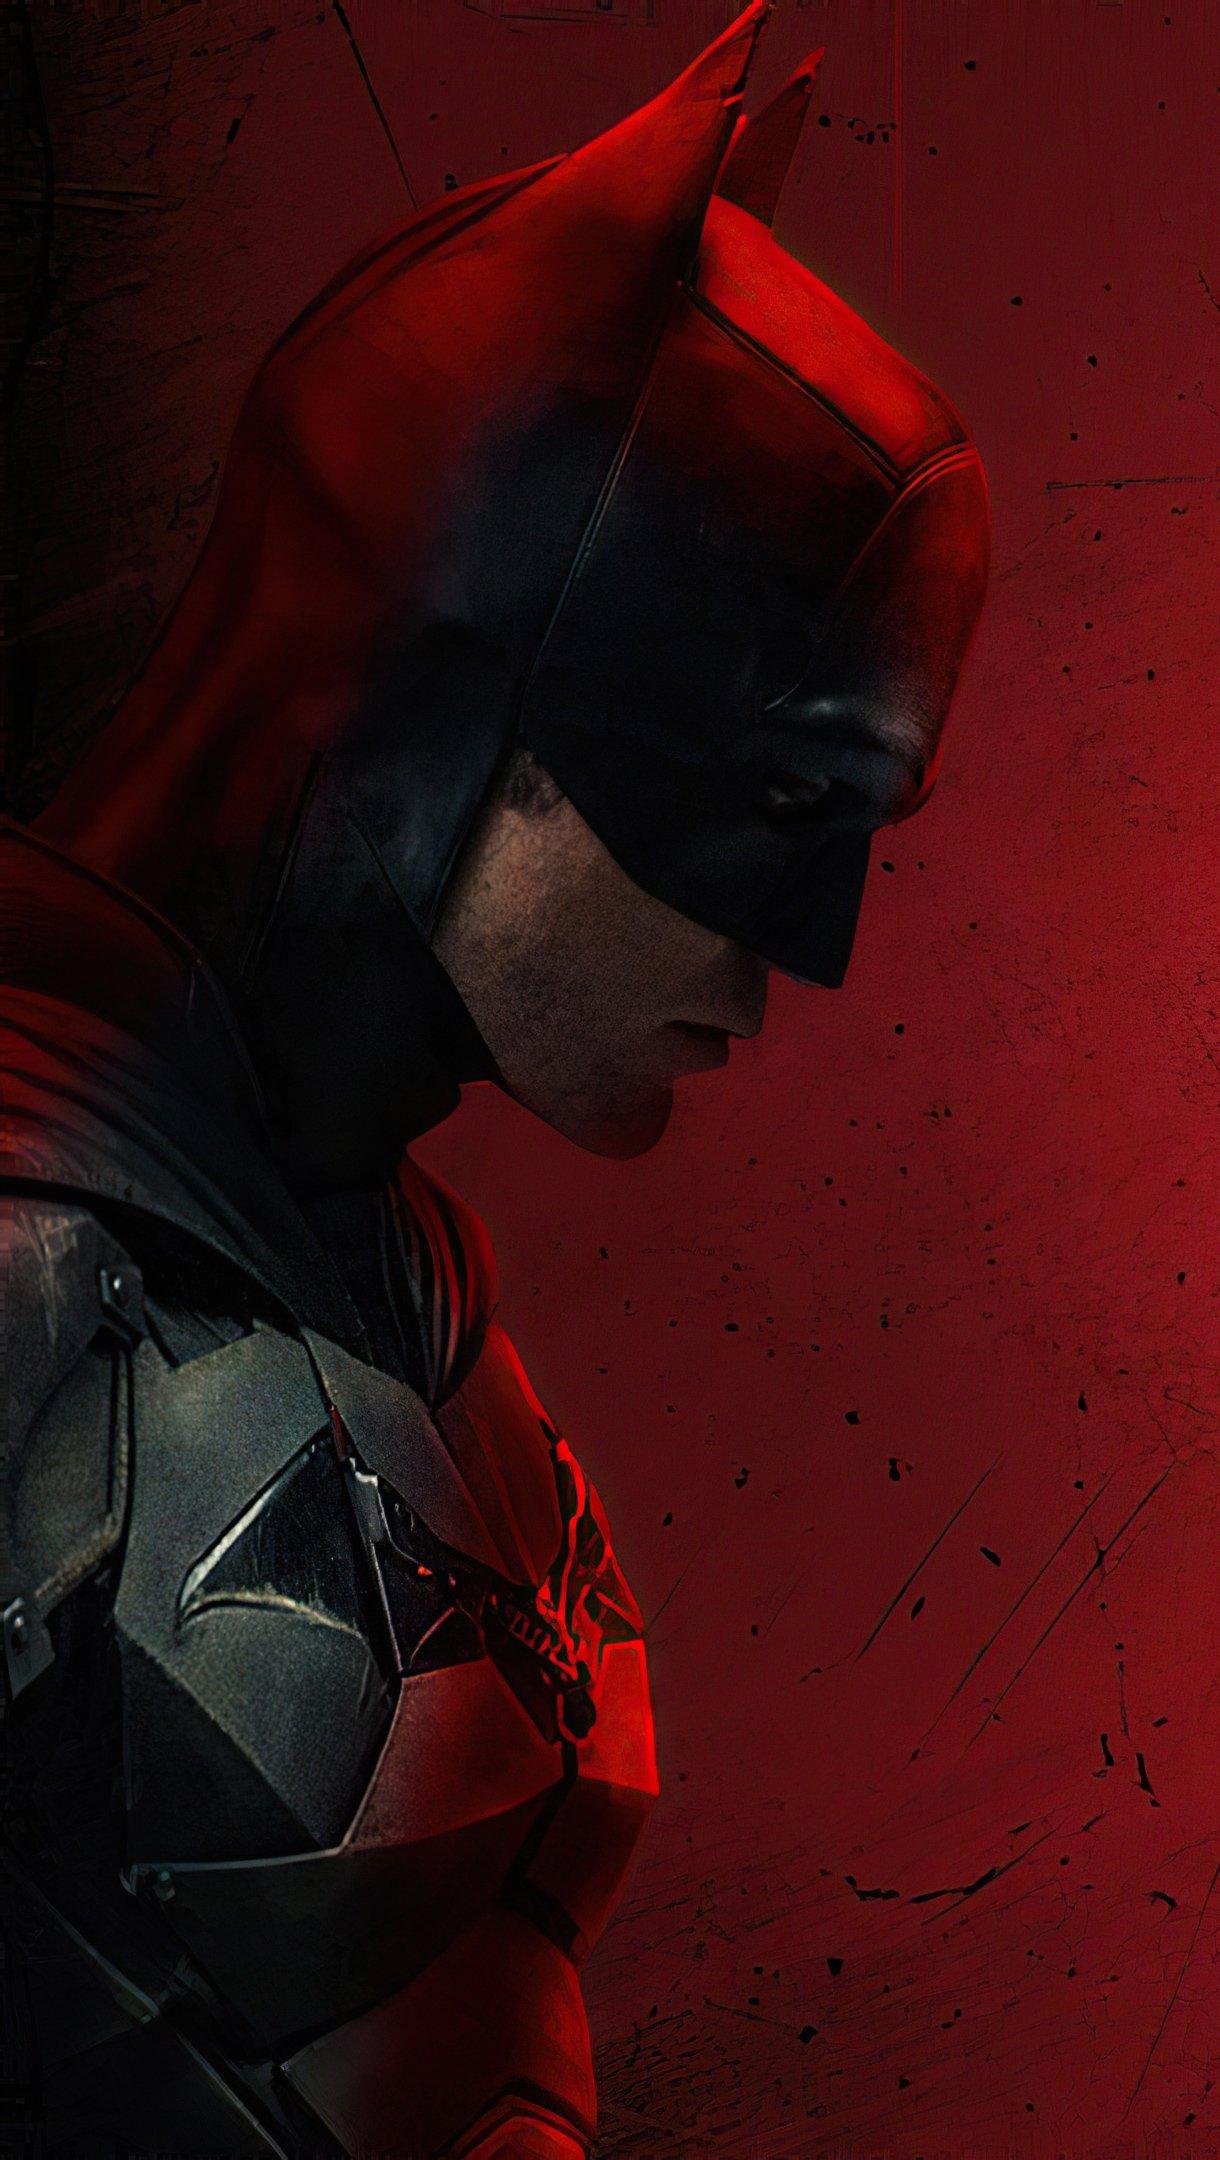 Fondos de pantalla Película The Batman Vertical